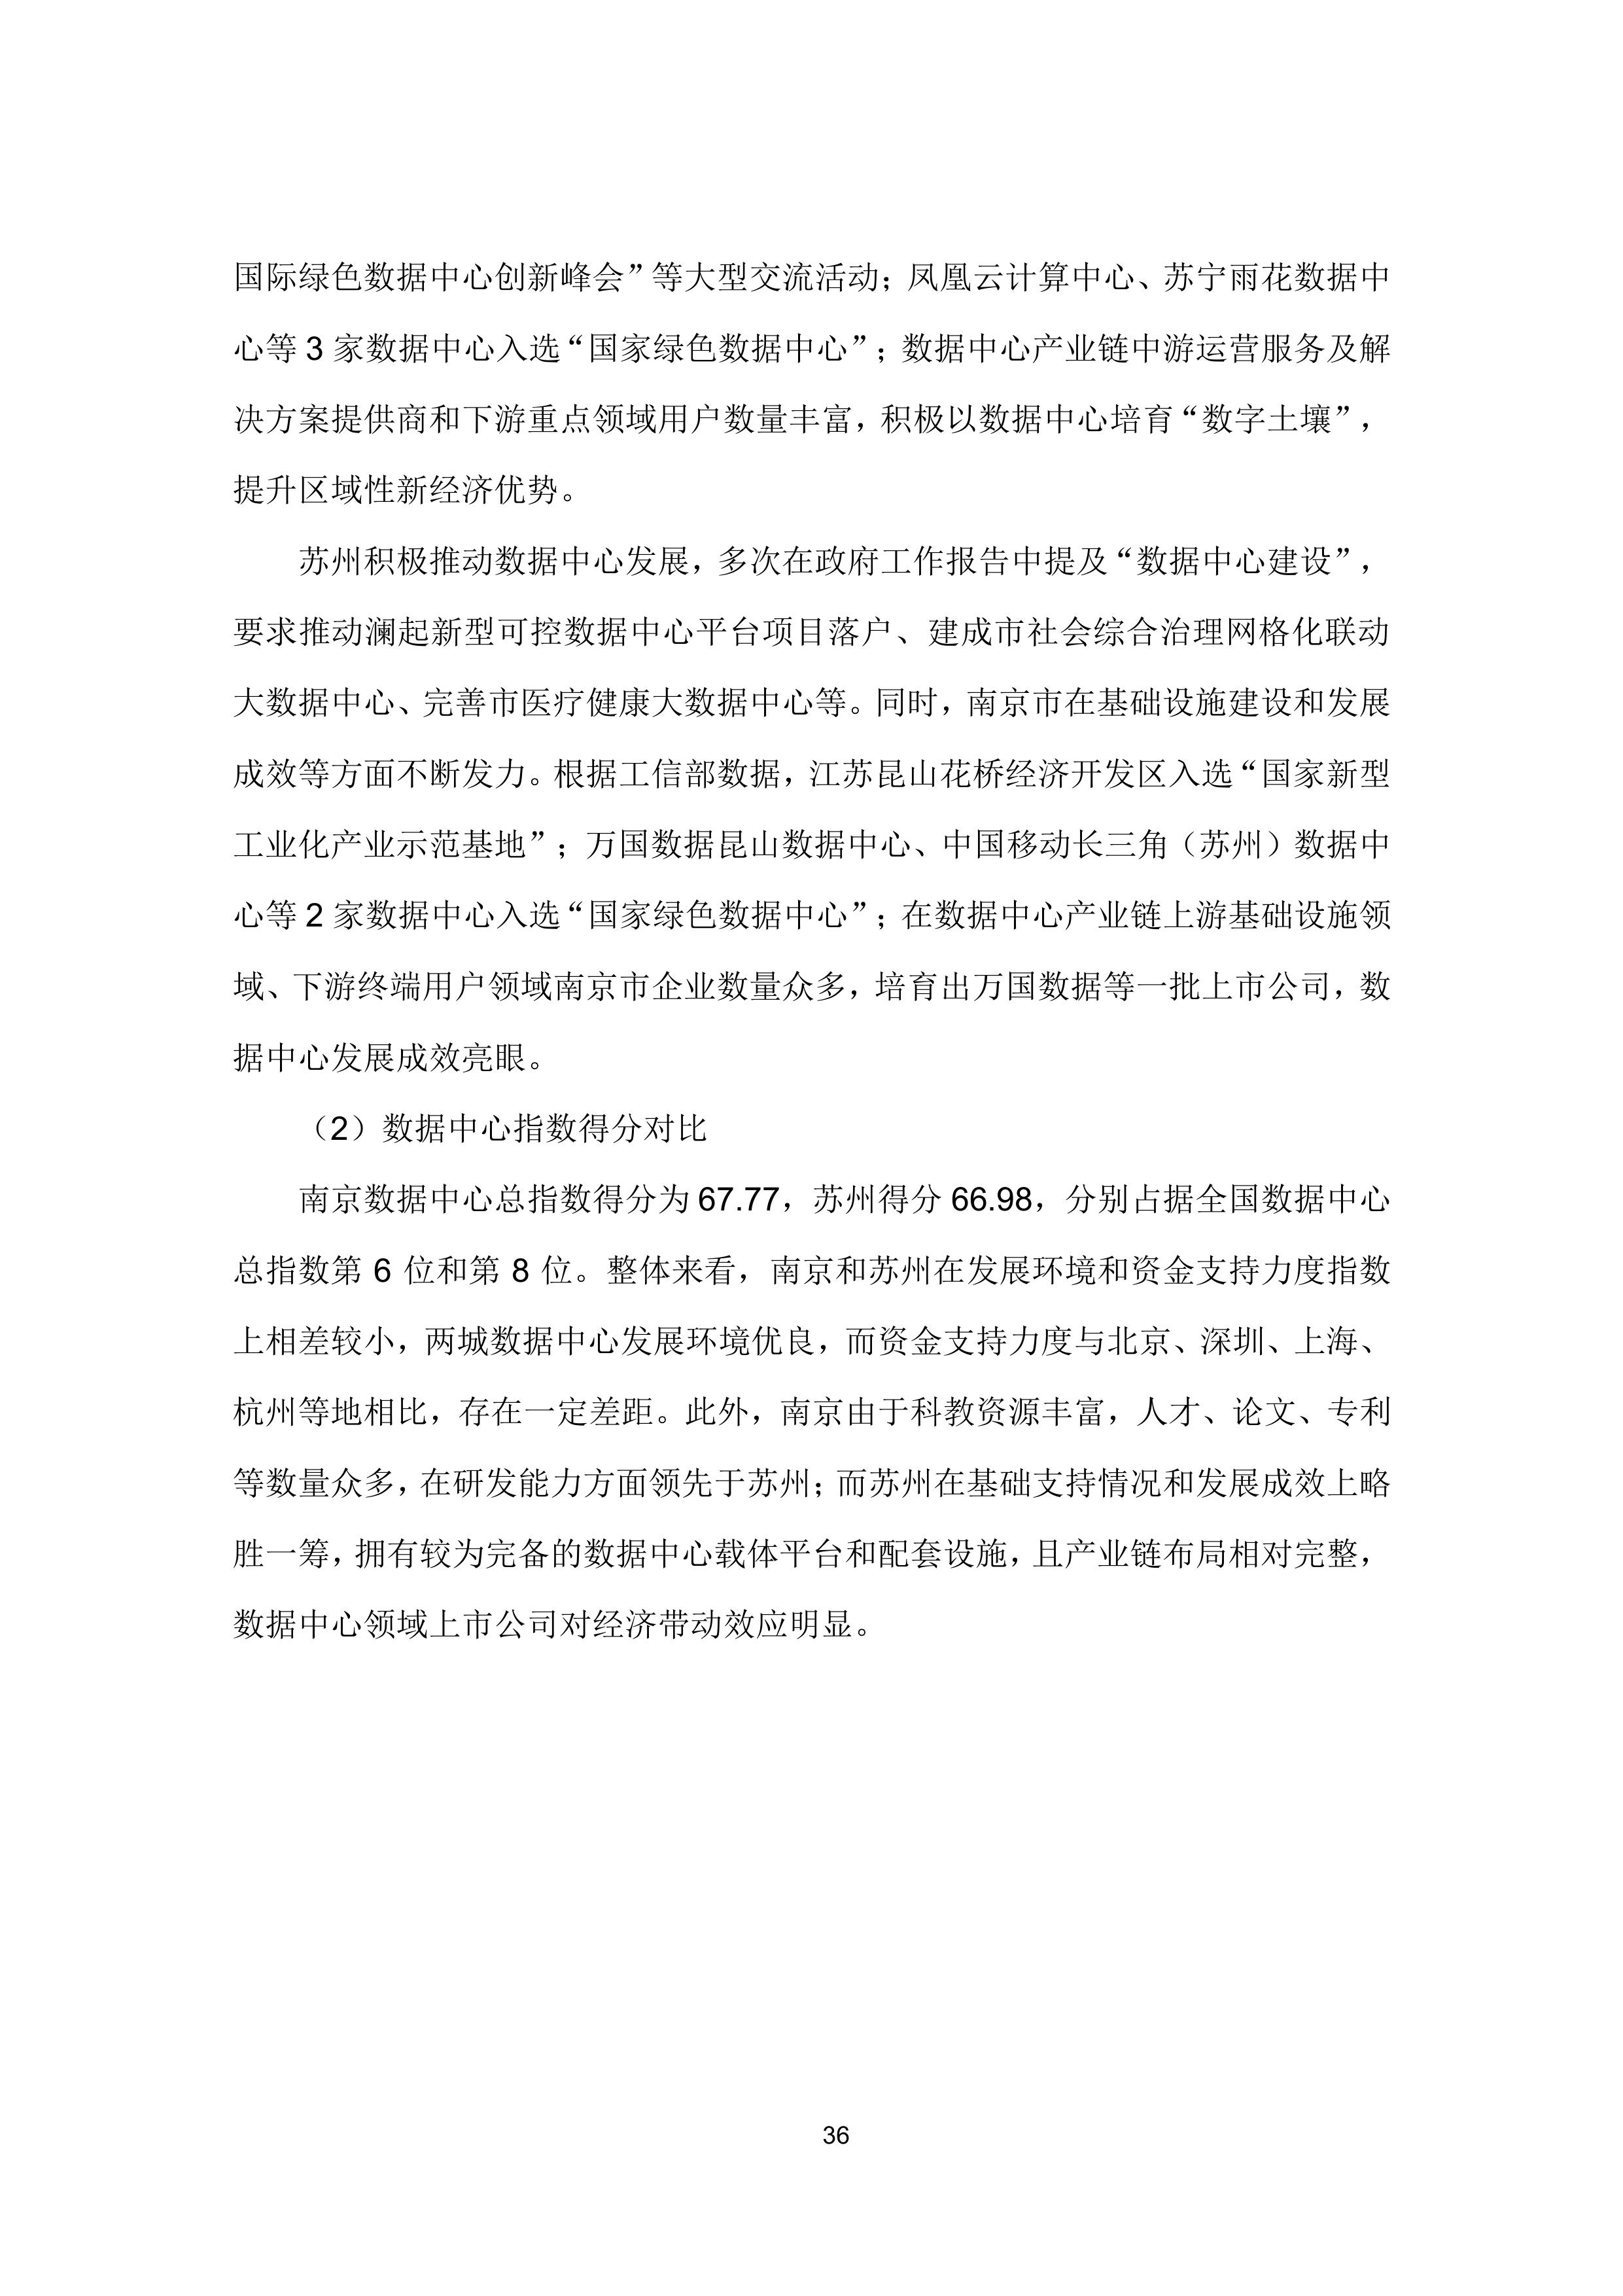 36氪研究院 - 新基建系列之:2020年中国城市数据中心发展指数报告-大菠萝官网(图47)